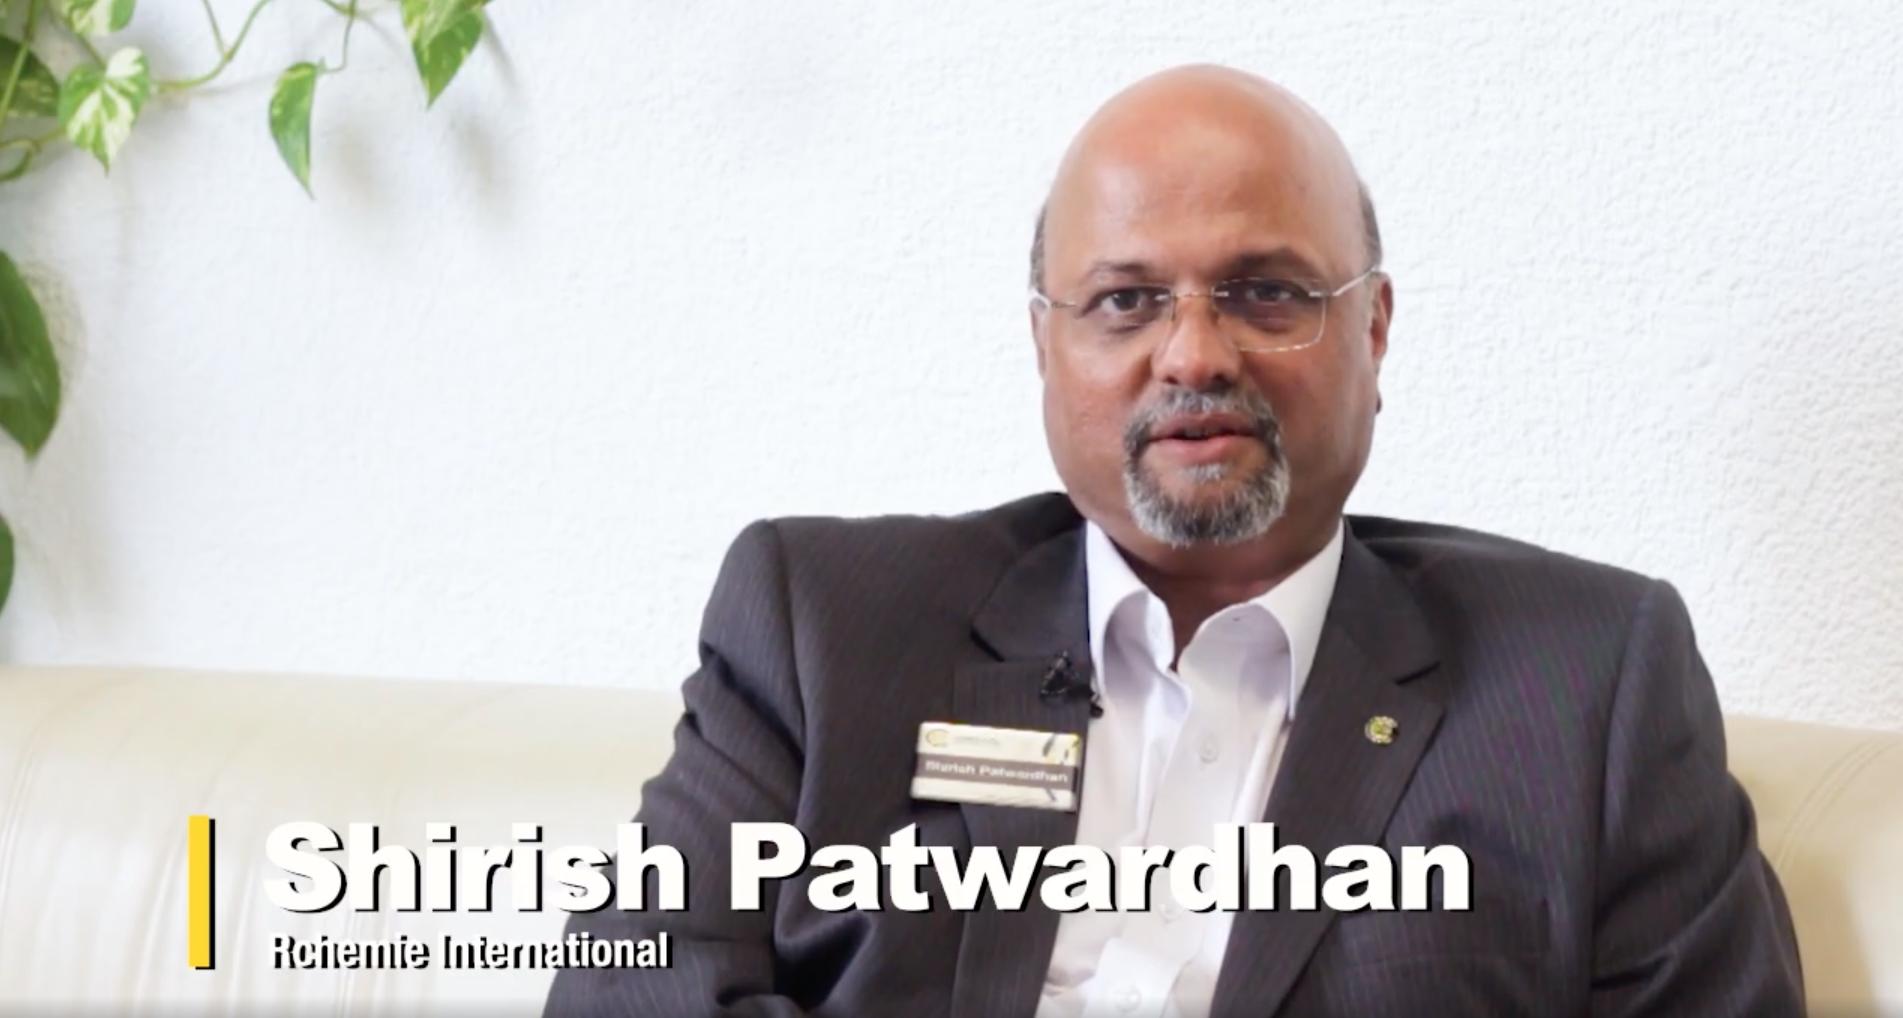 Shirish Patwardhan